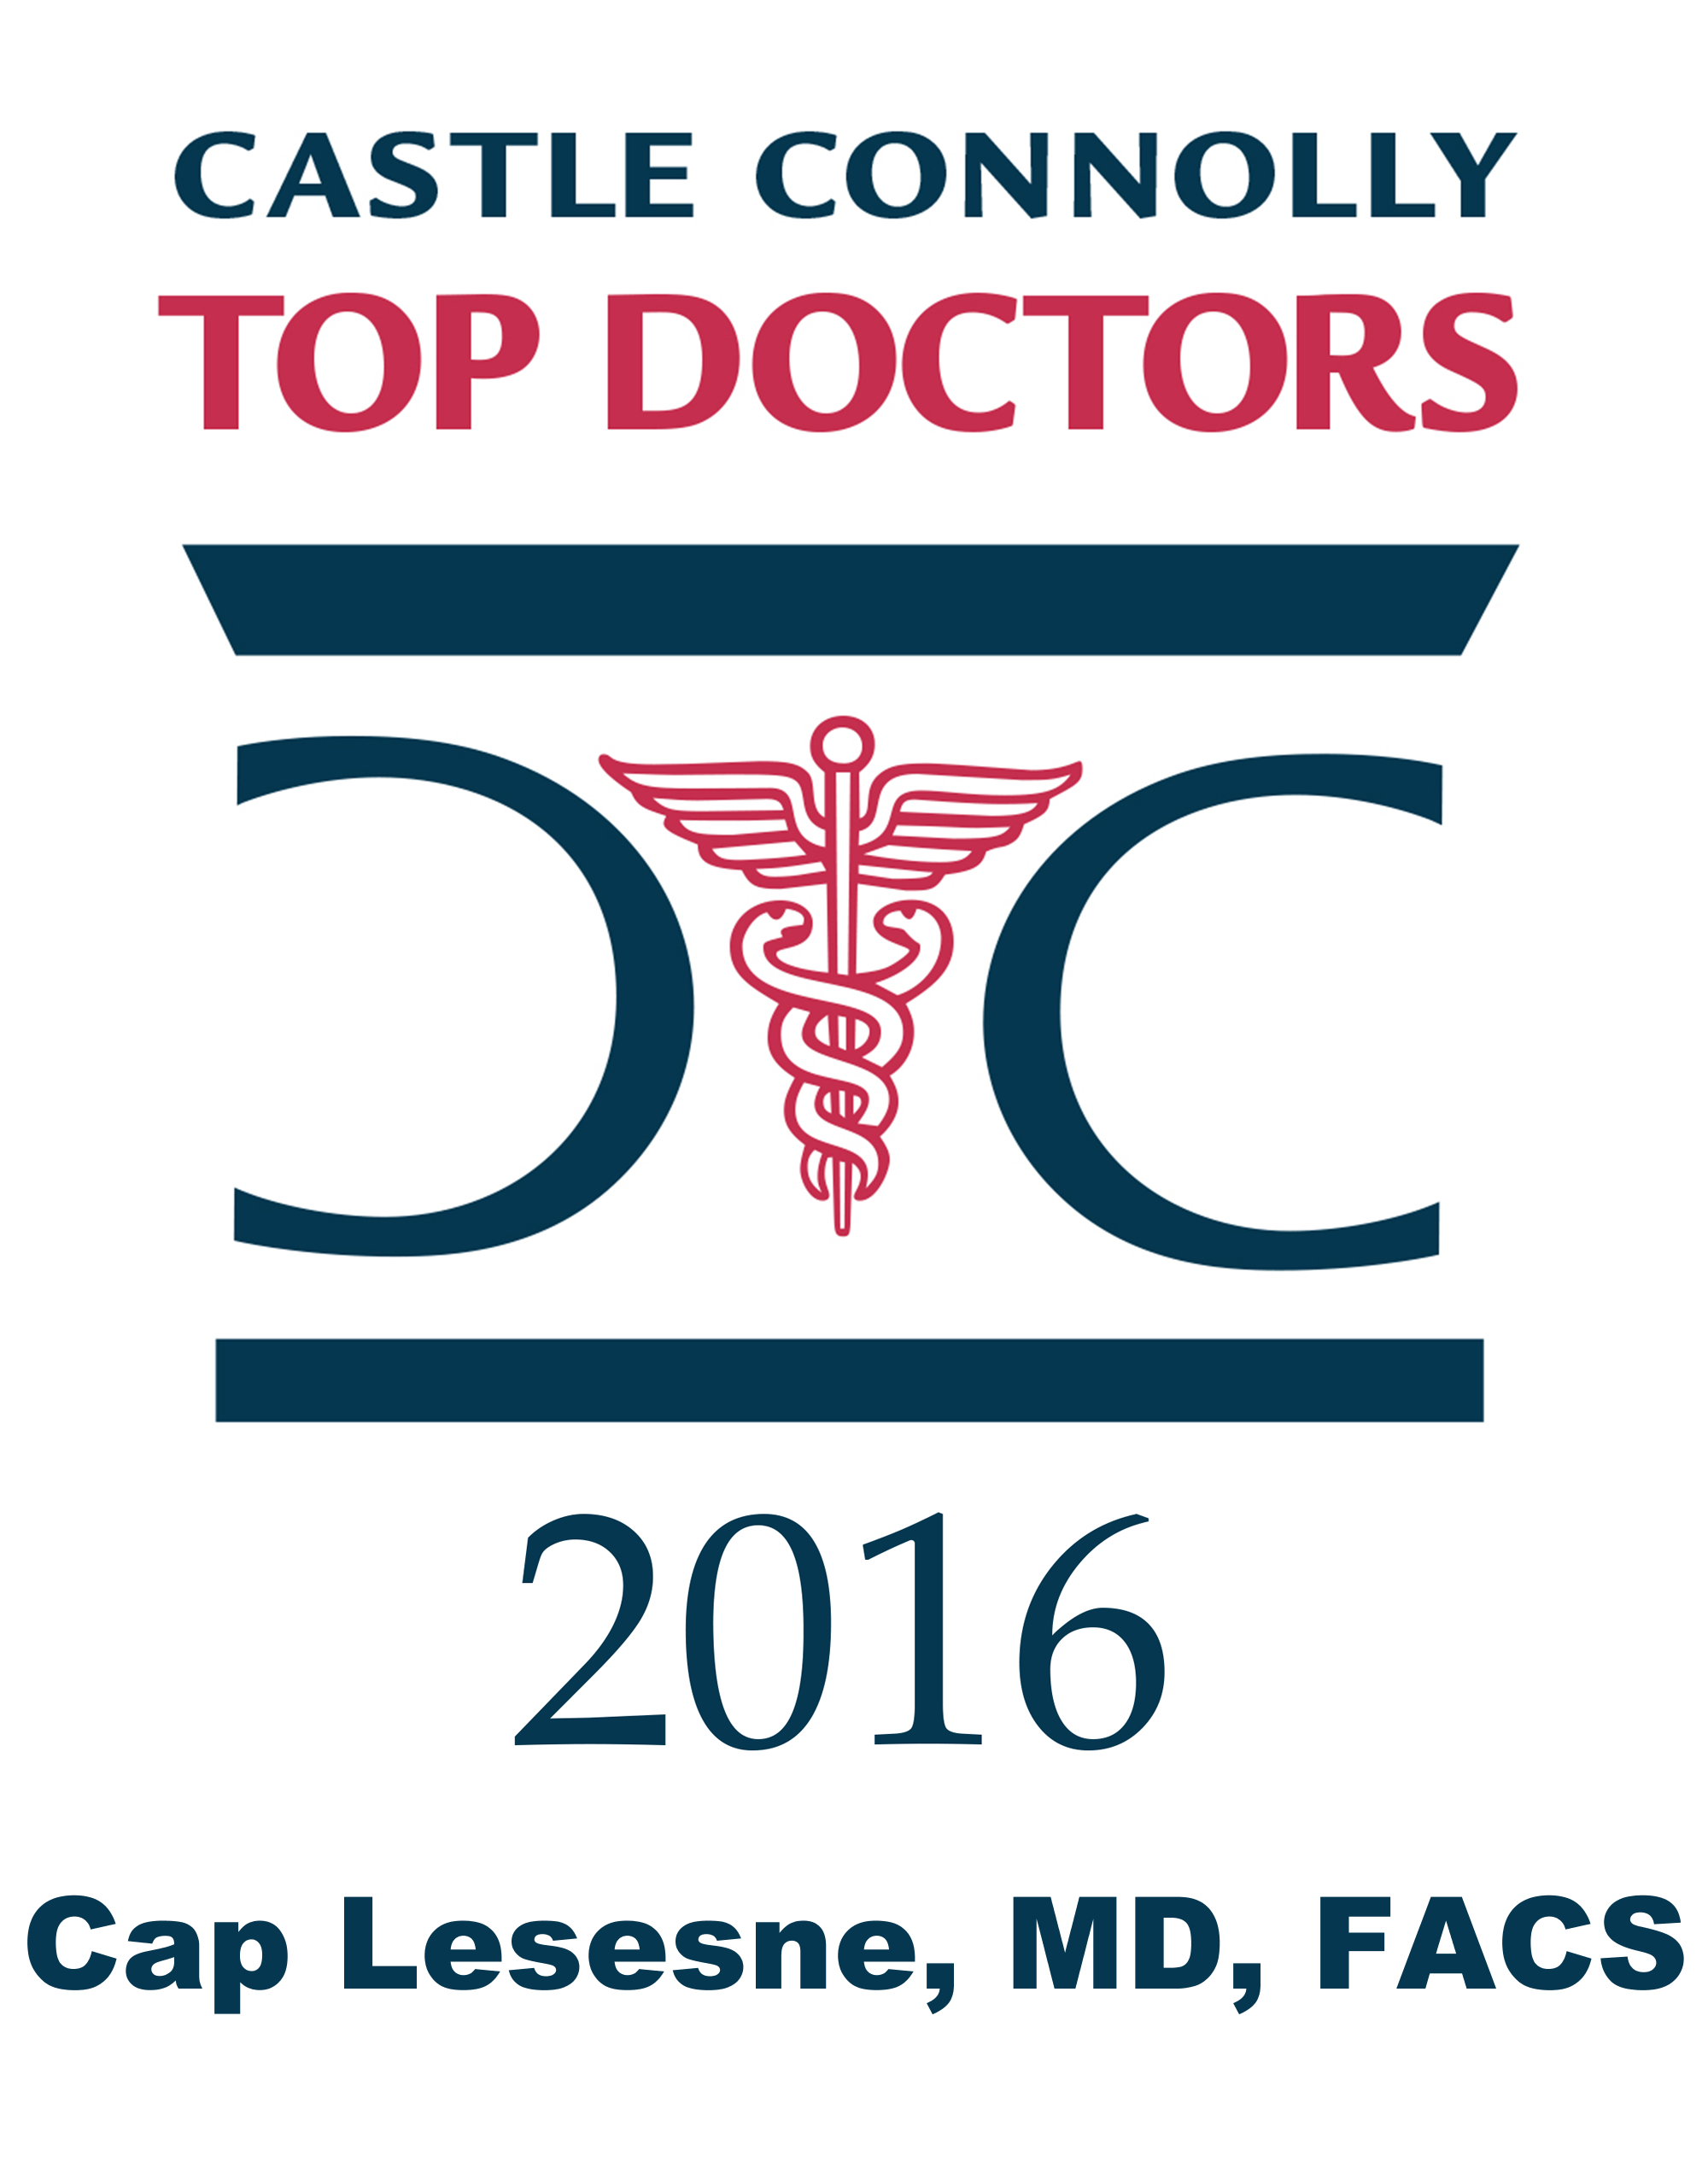 Dr. Cap Lesesne's 2016 Top Docs logo.png